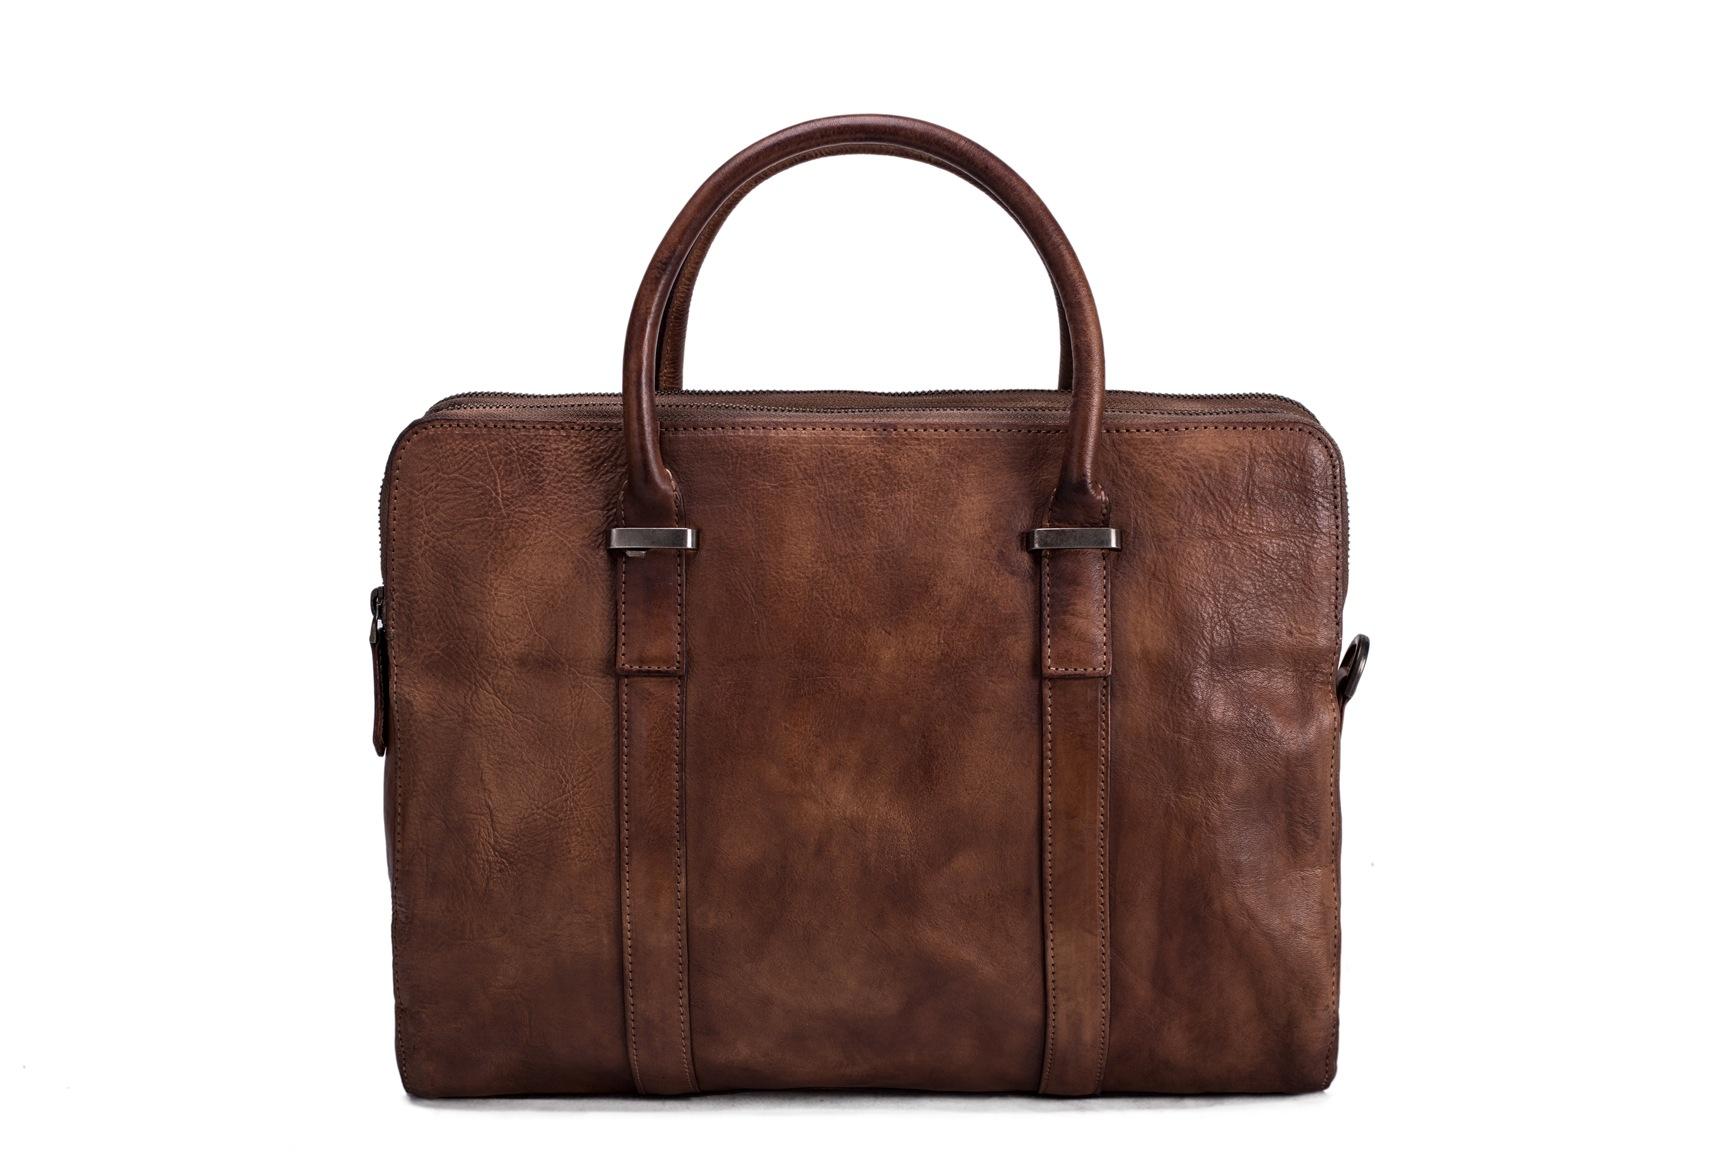 63f72648cbda Vintage Vegetable Tanned Men Leather Briefcase Messenger Bag Laptop Bag  9043 on Storenvy